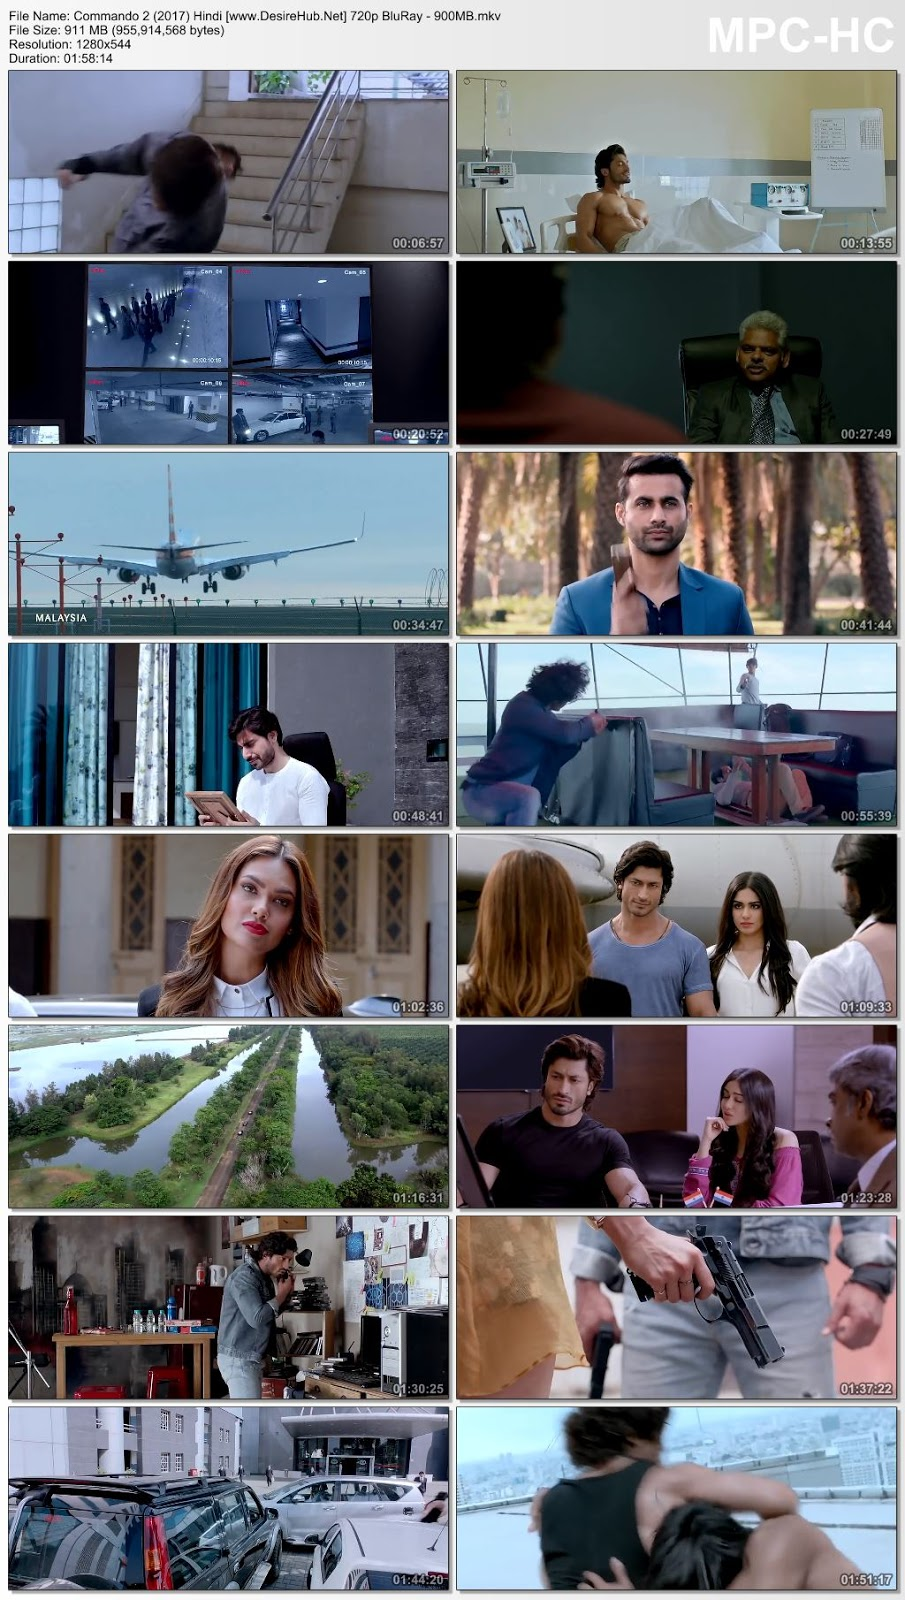 Commando 2 (2017) Hindi 720p BluRay – 900MB Desirehub